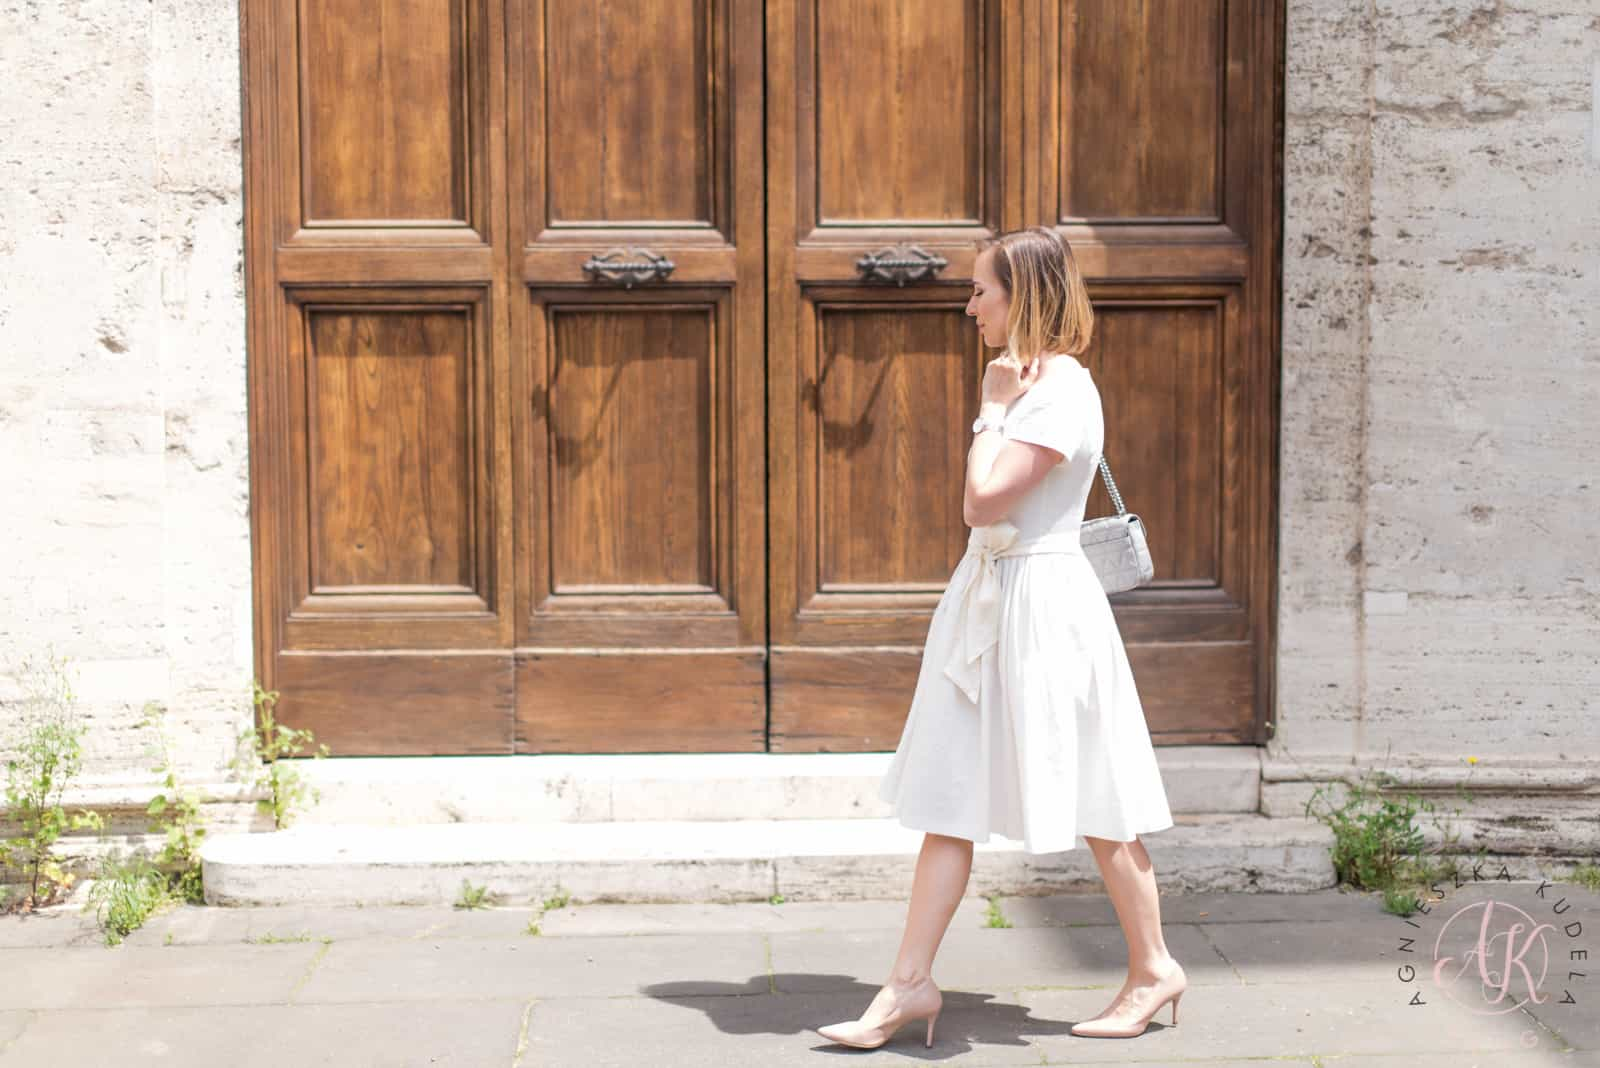 sukienki na komunię damskie